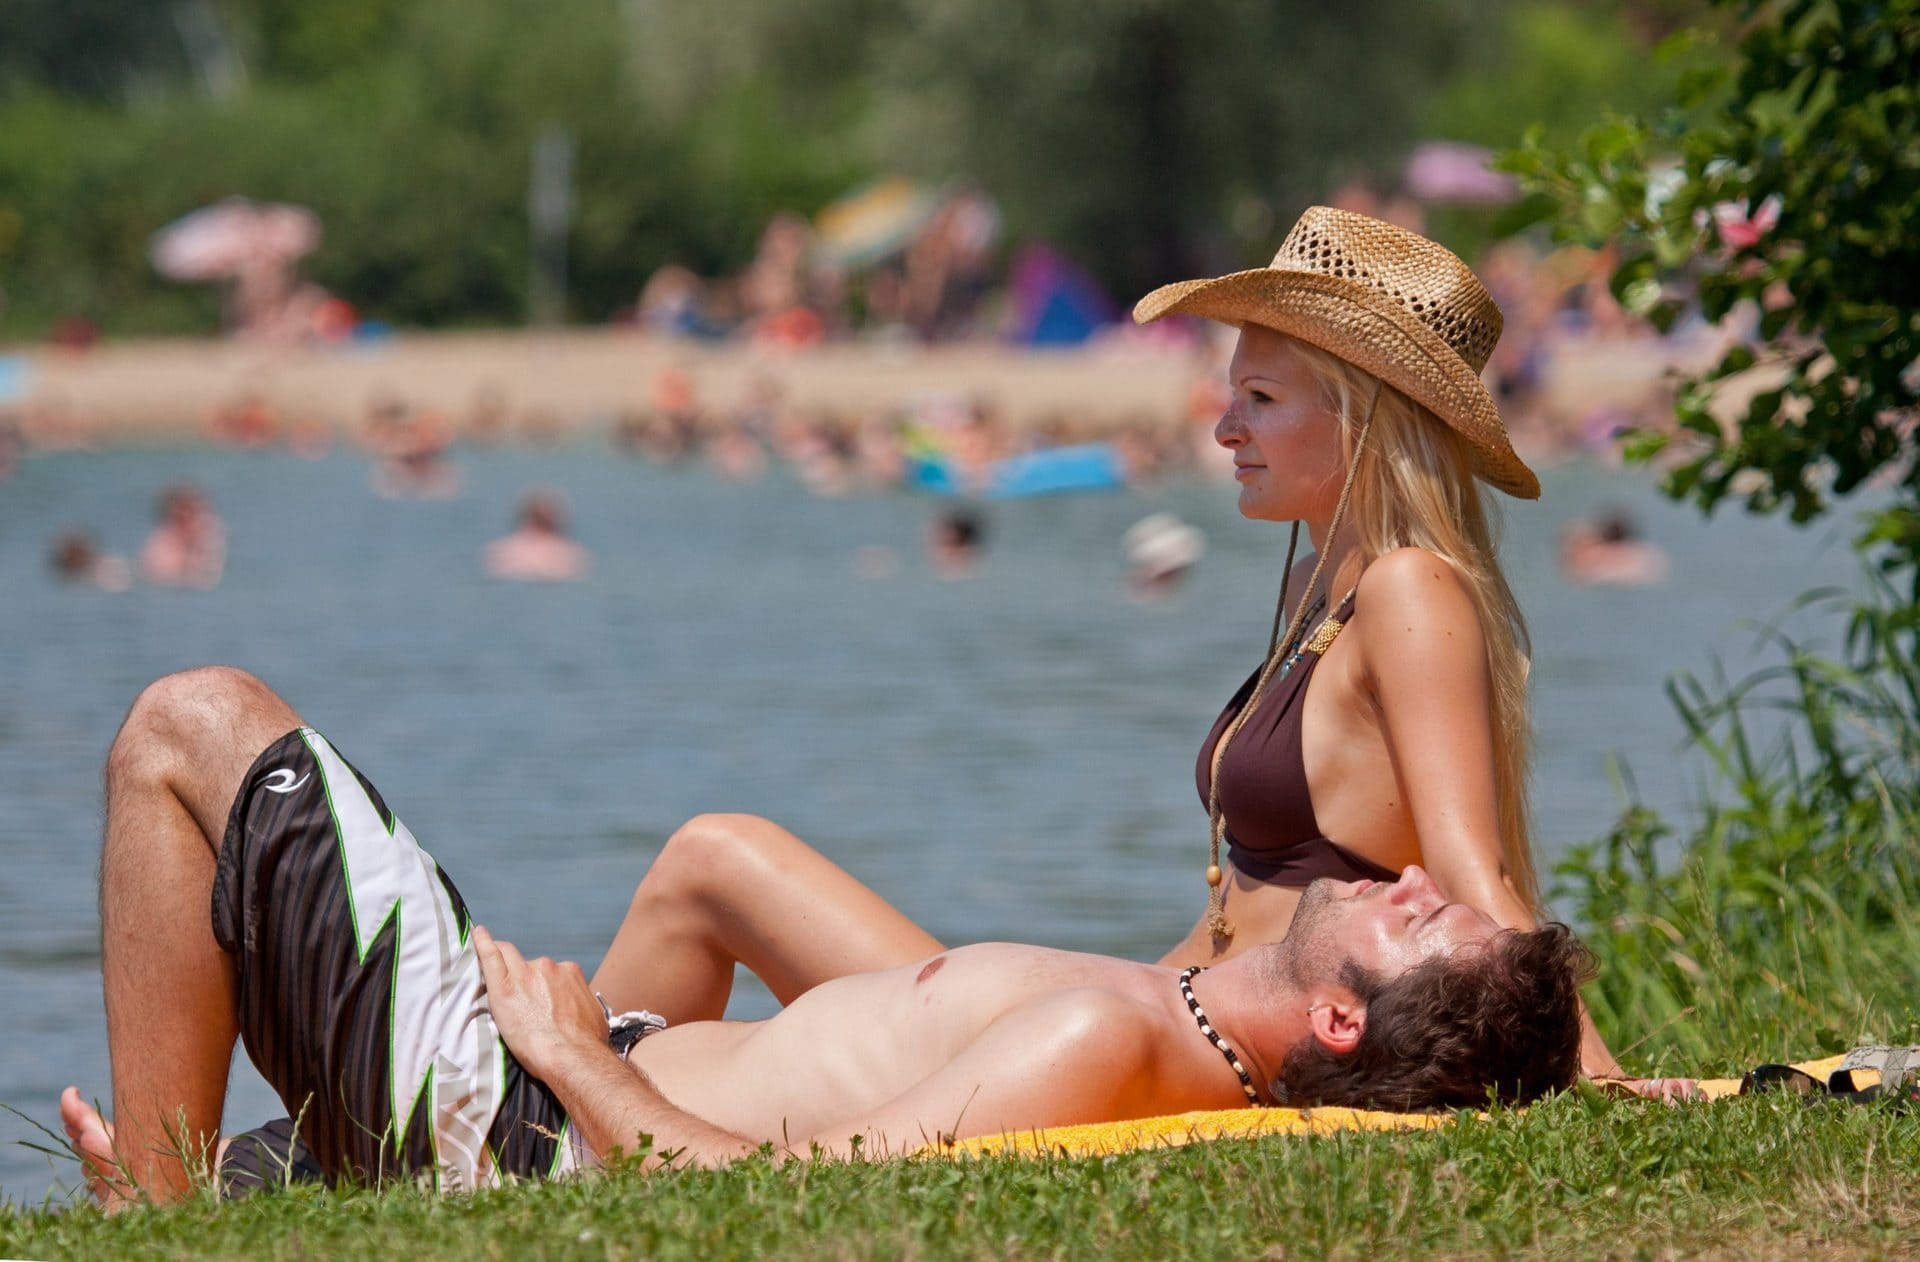 Freizeit- und Badebetrieb an den Seen des Naherholungsvereins Spazierengehen, Jogging, Verweilen und Schwimmen ja – Grillen, Partys, sich treffen nein